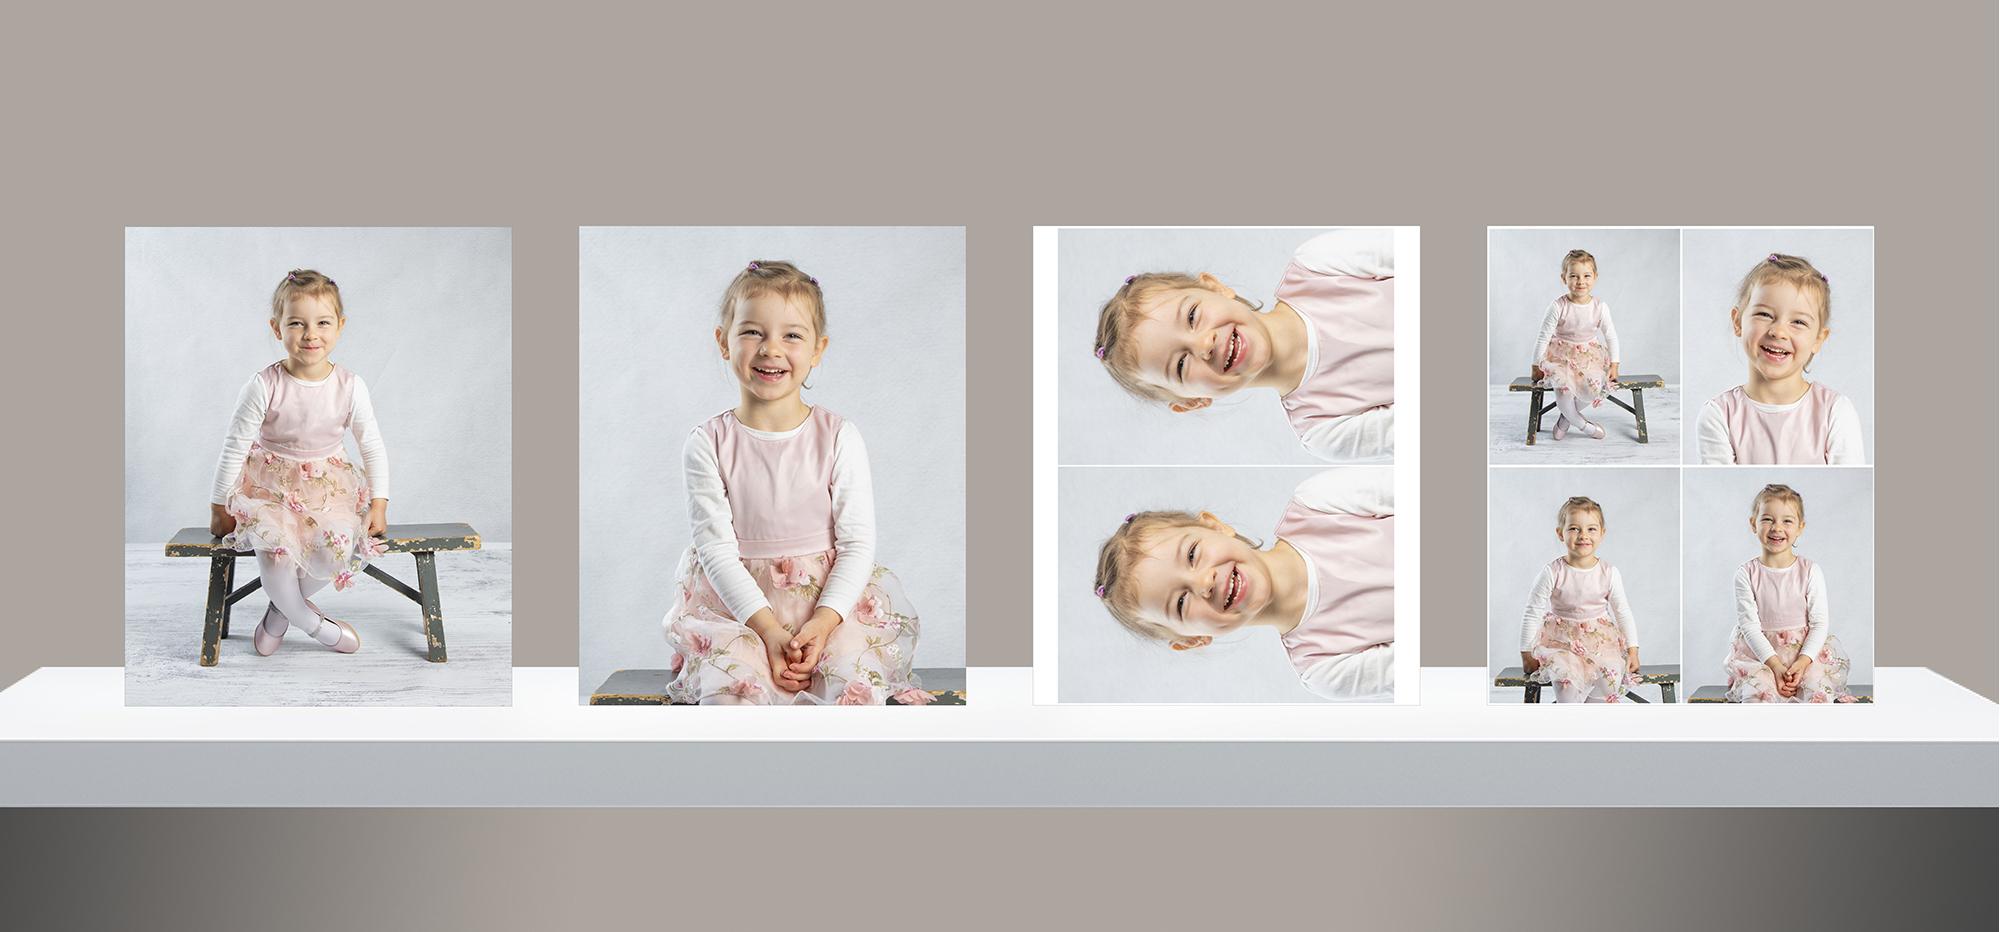 Stor portrettpakke barnehage